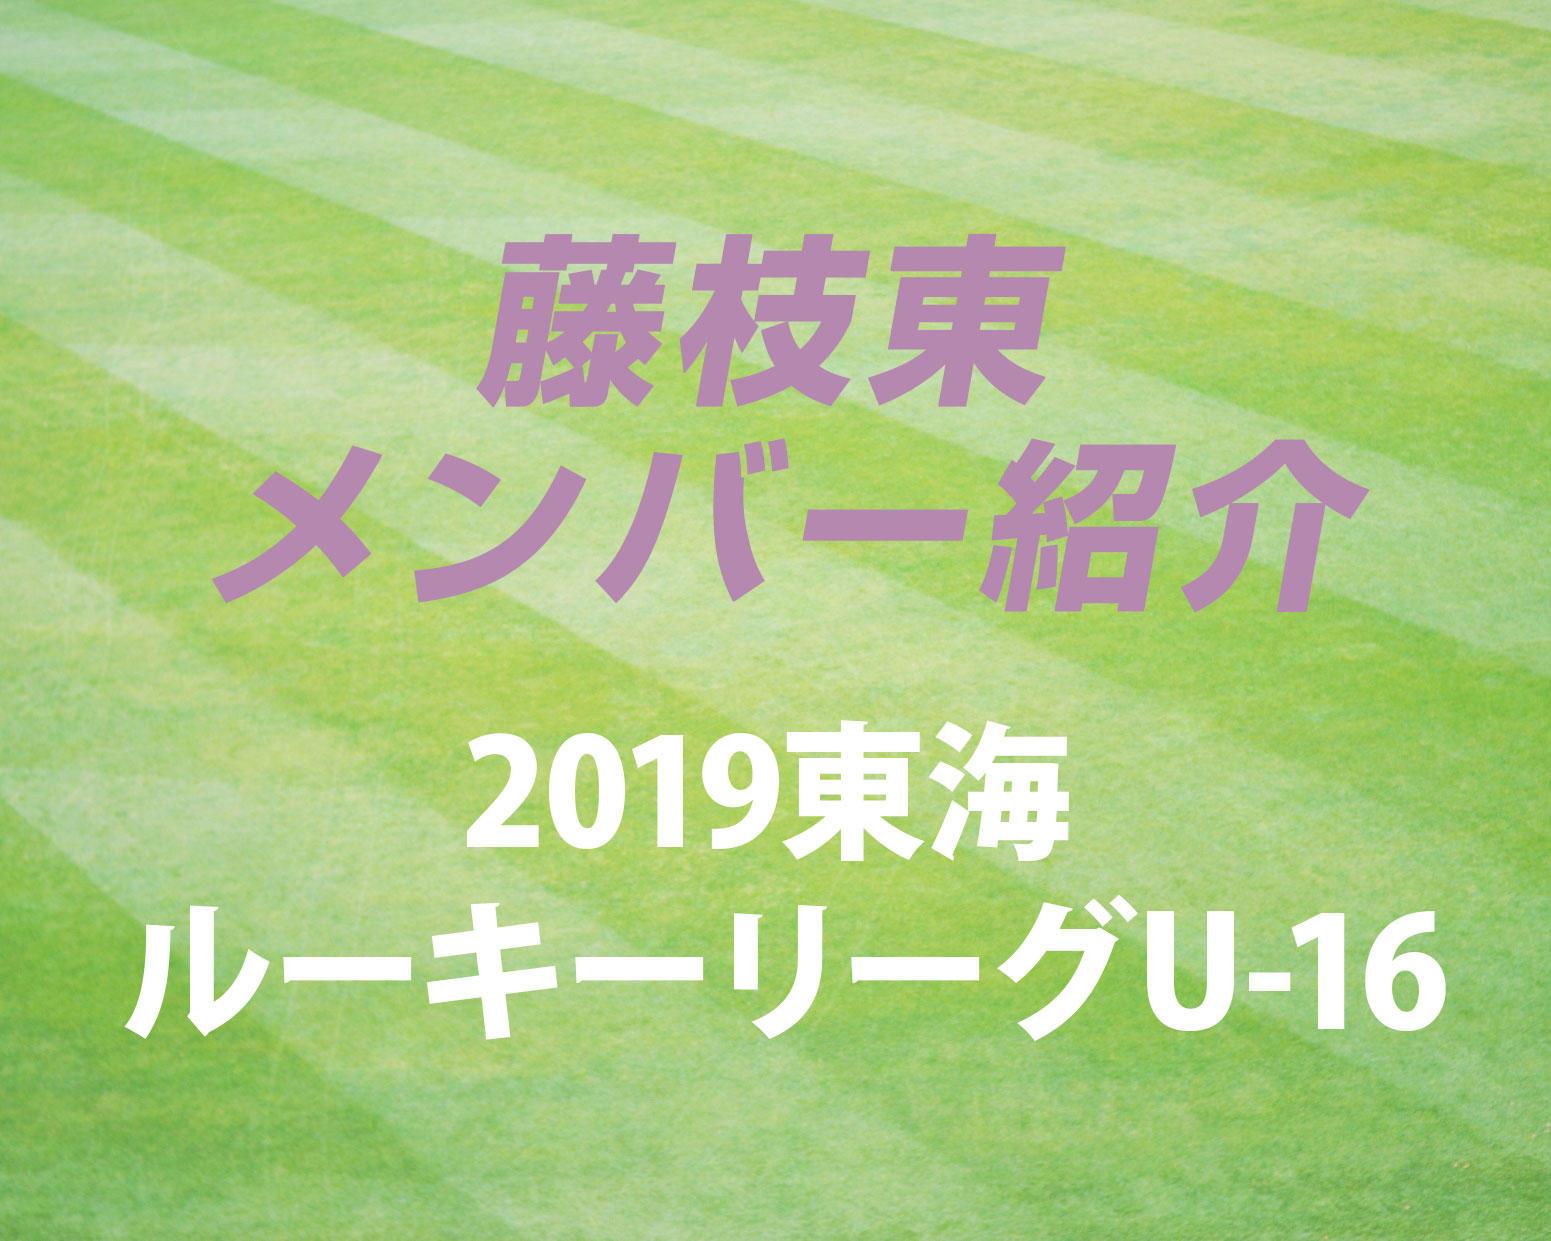 静岡の強豪・藤枝東高校サッカー部のメンバー紹介!(2019 東海ルーキーリーグU-16)